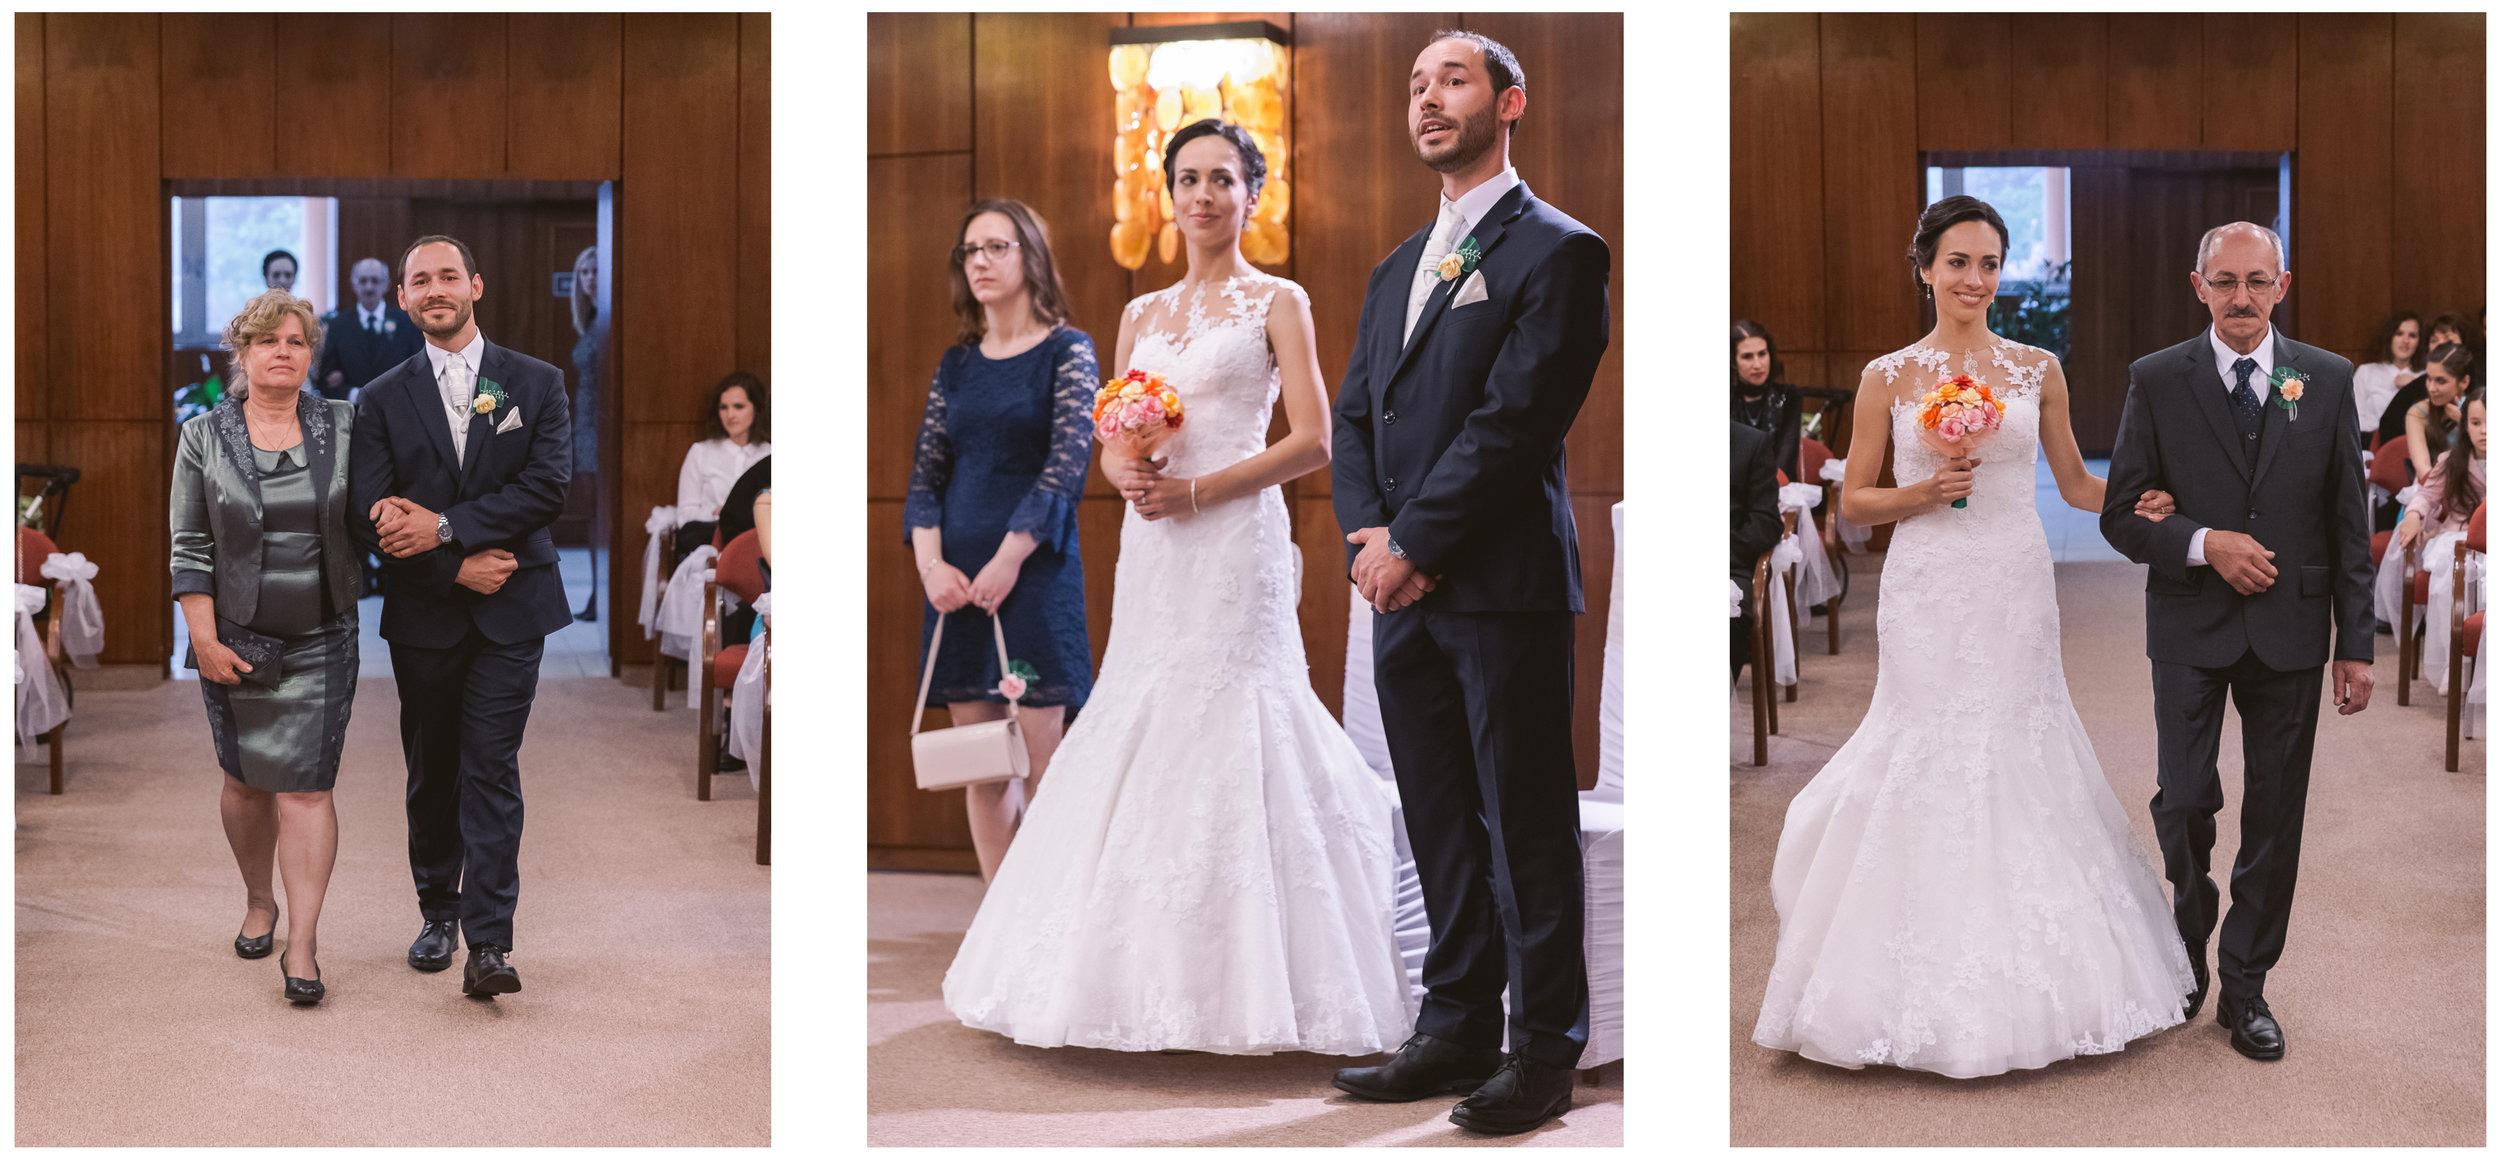 FylepPhoto, esküvőfotós, esküvői fotós Körmend, Szombathely, esküvőfotózás, magyarország, vas megye, prémium, jegyesfotózás, Fülöp Péter, körmend, kreatív, fotográfus_022.jpg